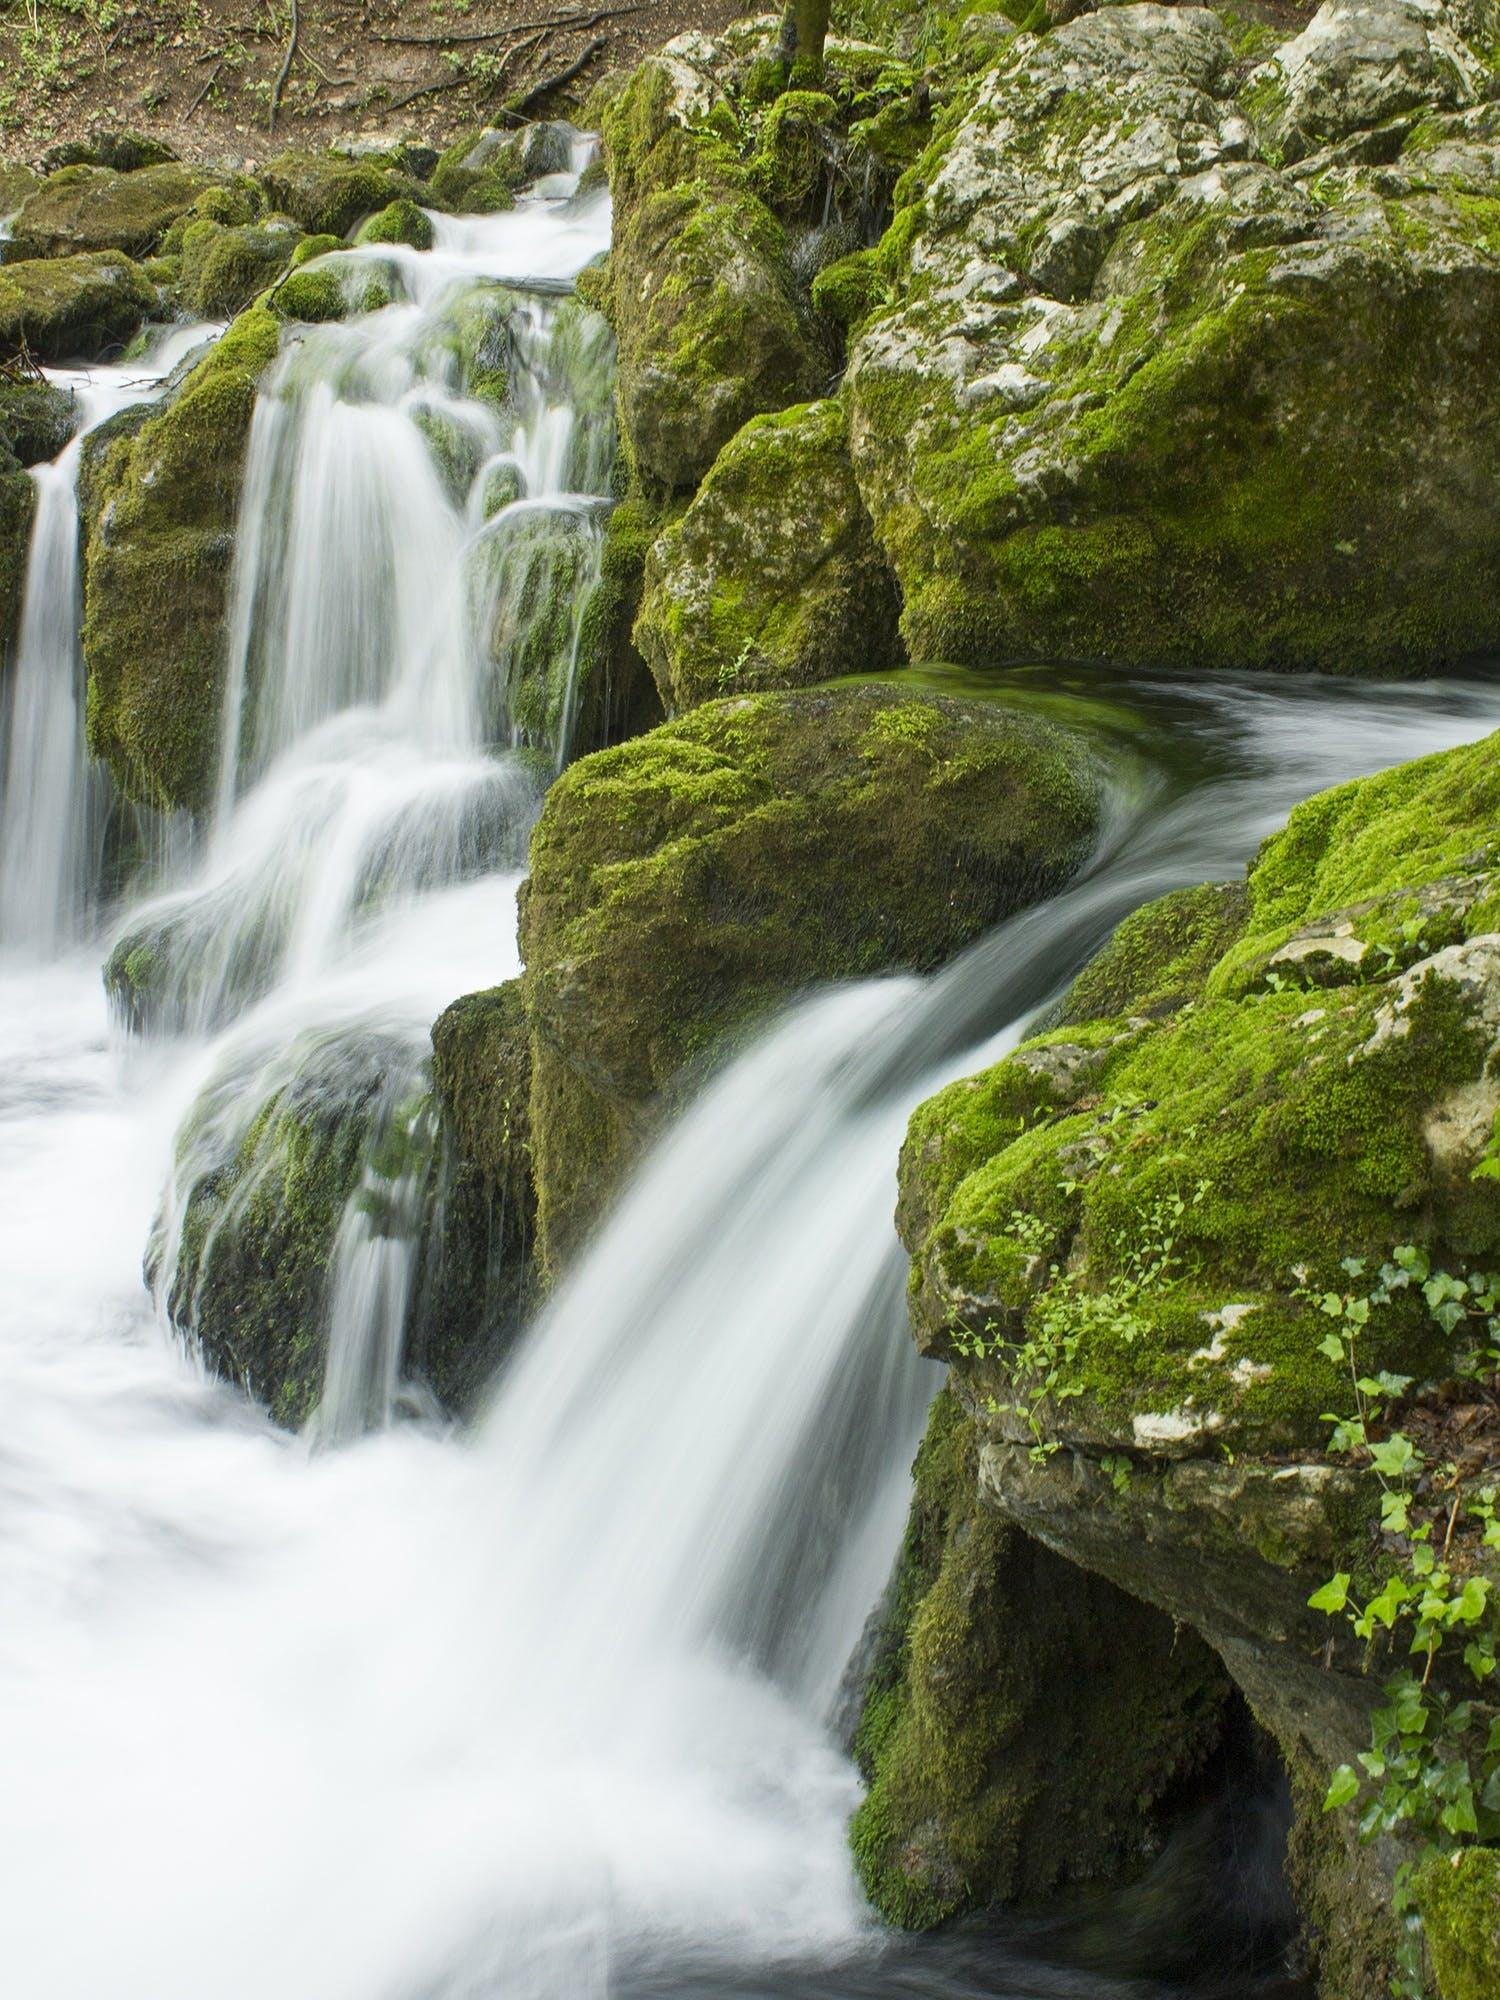 คลังภาพถ่ายฟรี ของ กระแสน้ำ, การเคลื่อนไหว, ตะไคร่น้ำ, ทัศนียภาพ